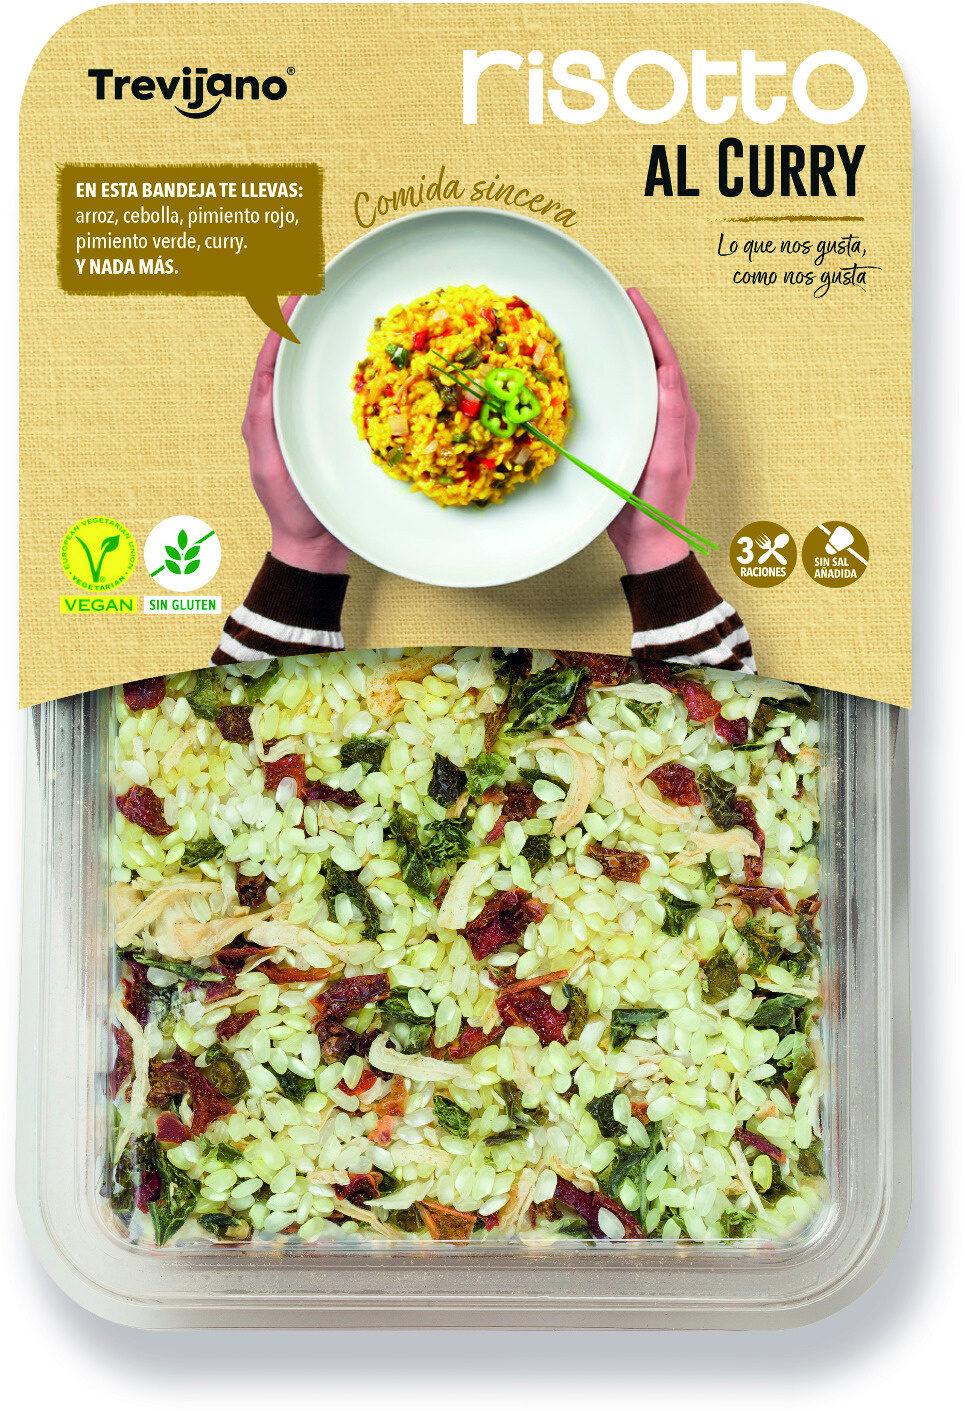 Risotto al curry - Producto - es